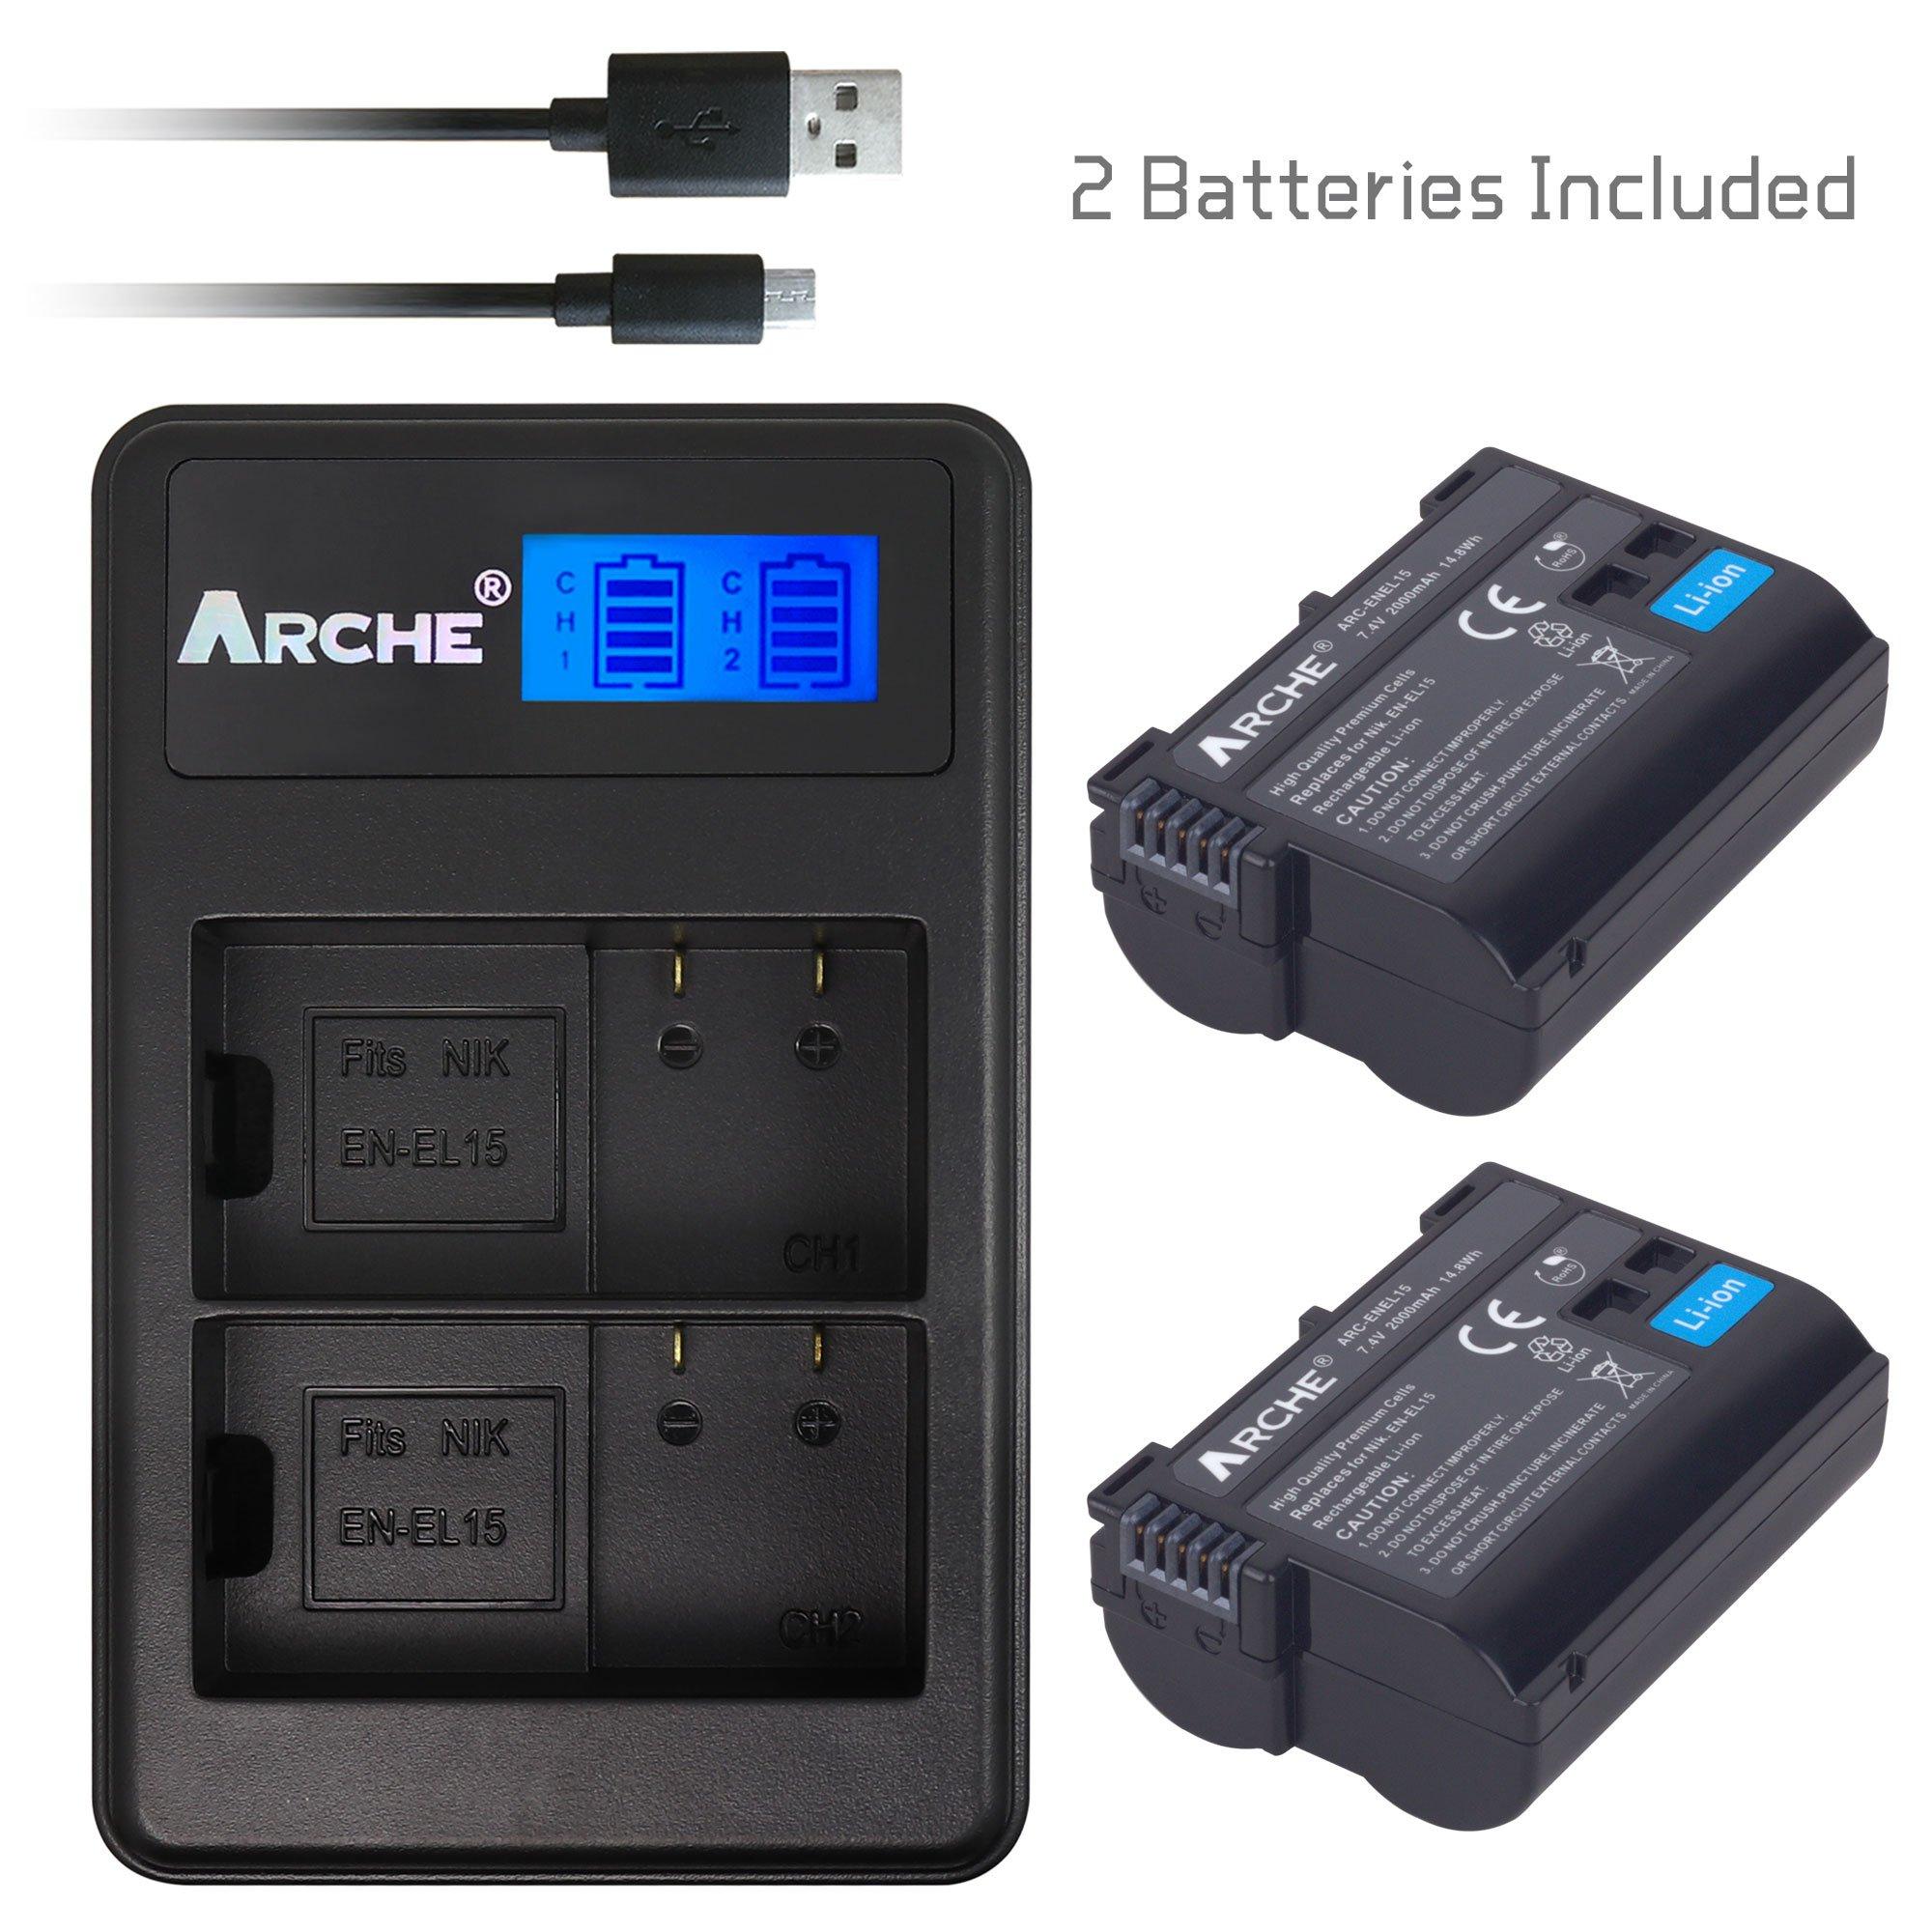 ARCHE EN-EL15 EN-EL15A <2 Pack> Battery and LCD Dual Charger Kit for [Nikon DSLR D500 D600 D610 D750 D800 D800E D810 D810A D850 D7000 D7100 D7200 D7500 Nikon 1V1]